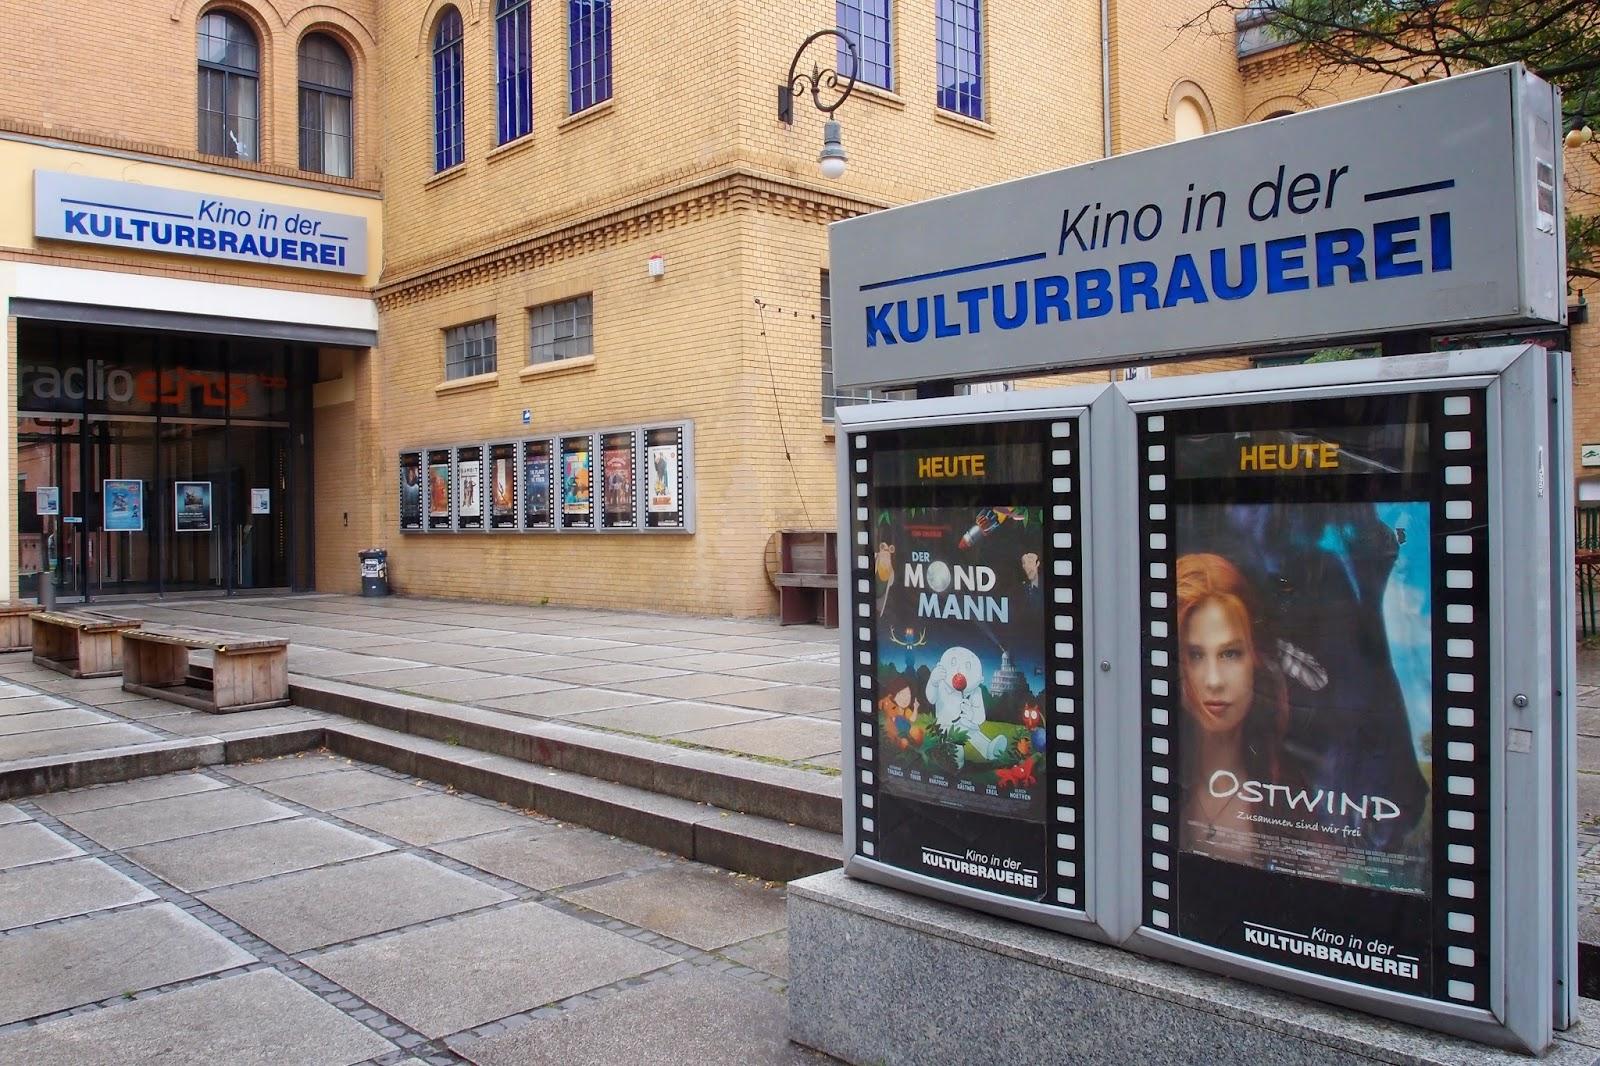 Kino Kulturbrauerei